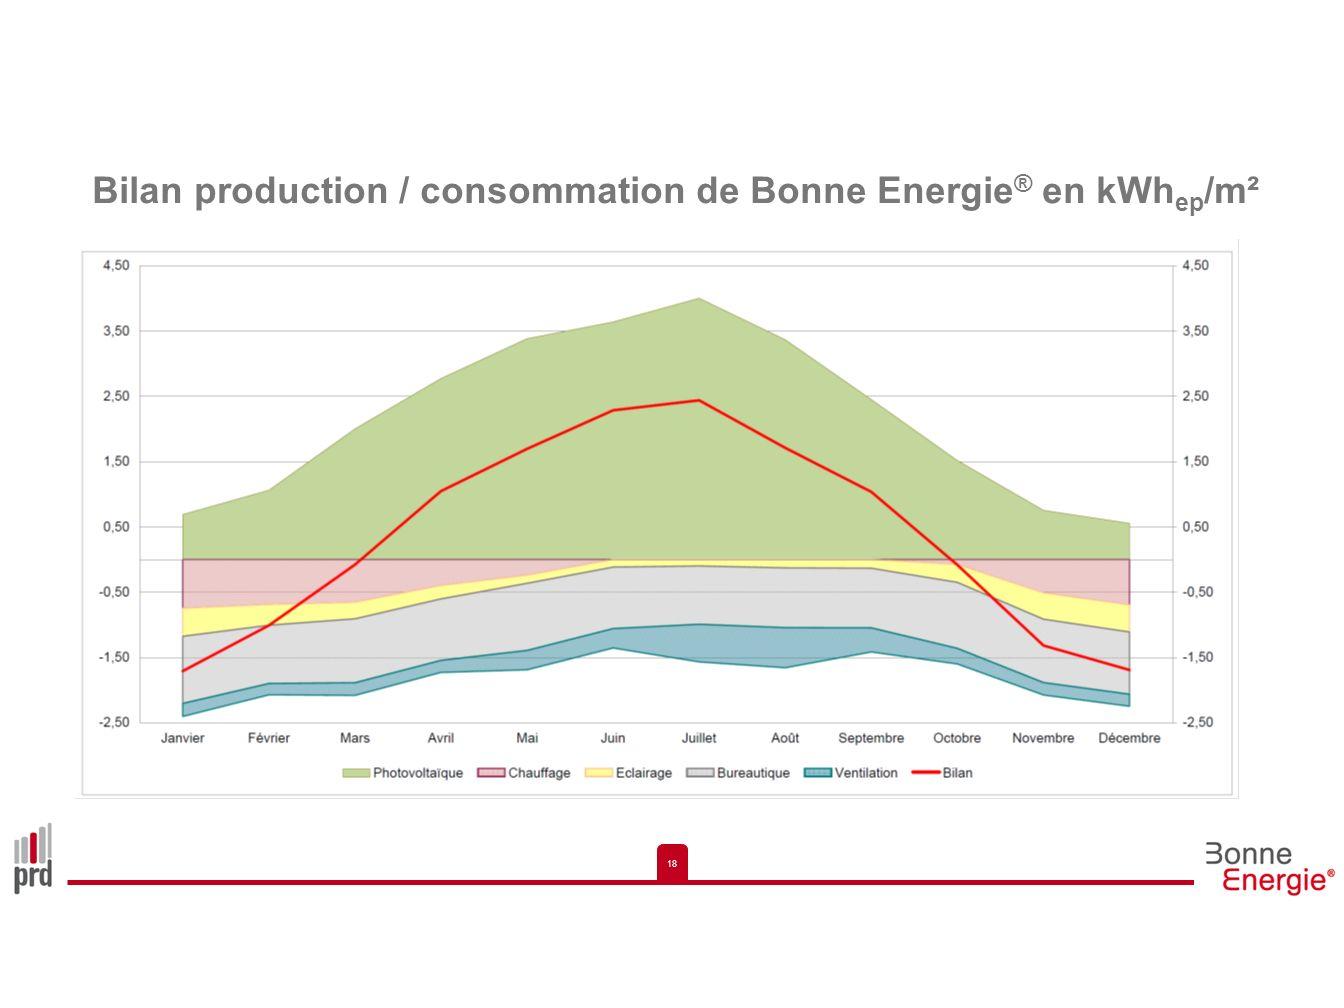 Bilan production / consommation de Bonne Energie® en kWhep/m²